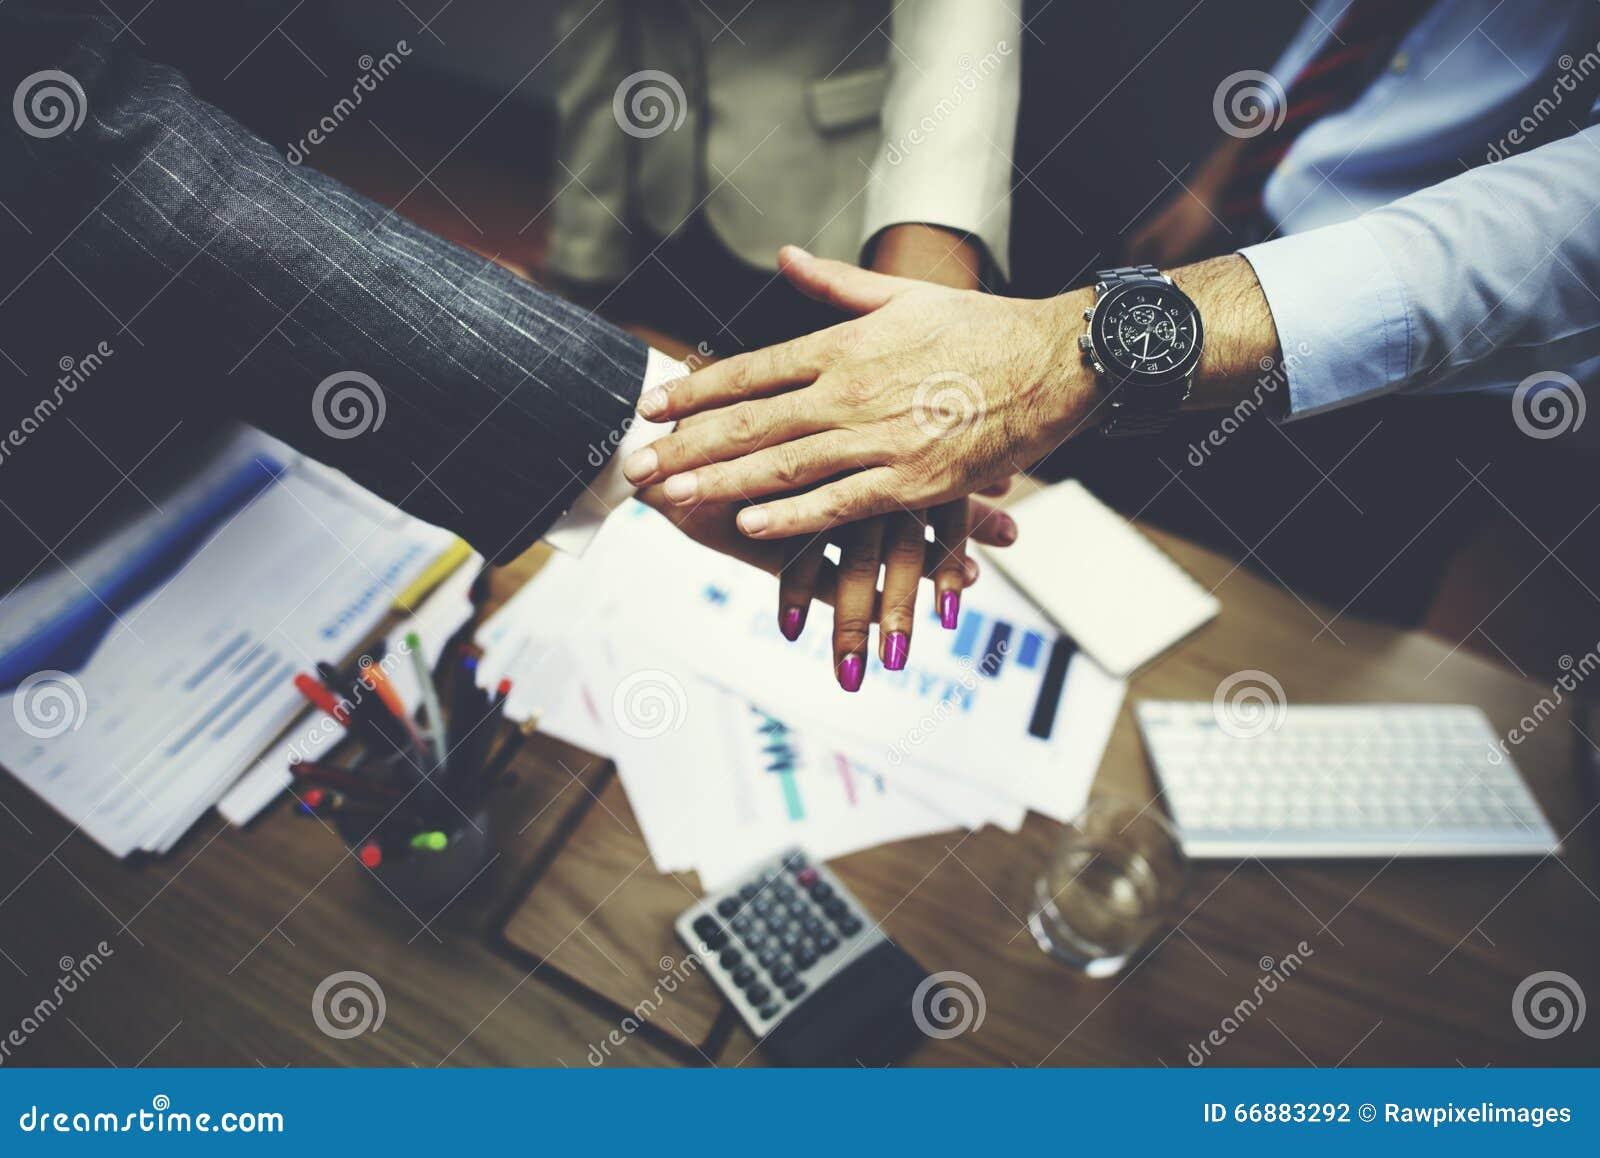 企业队一起配合合作概念